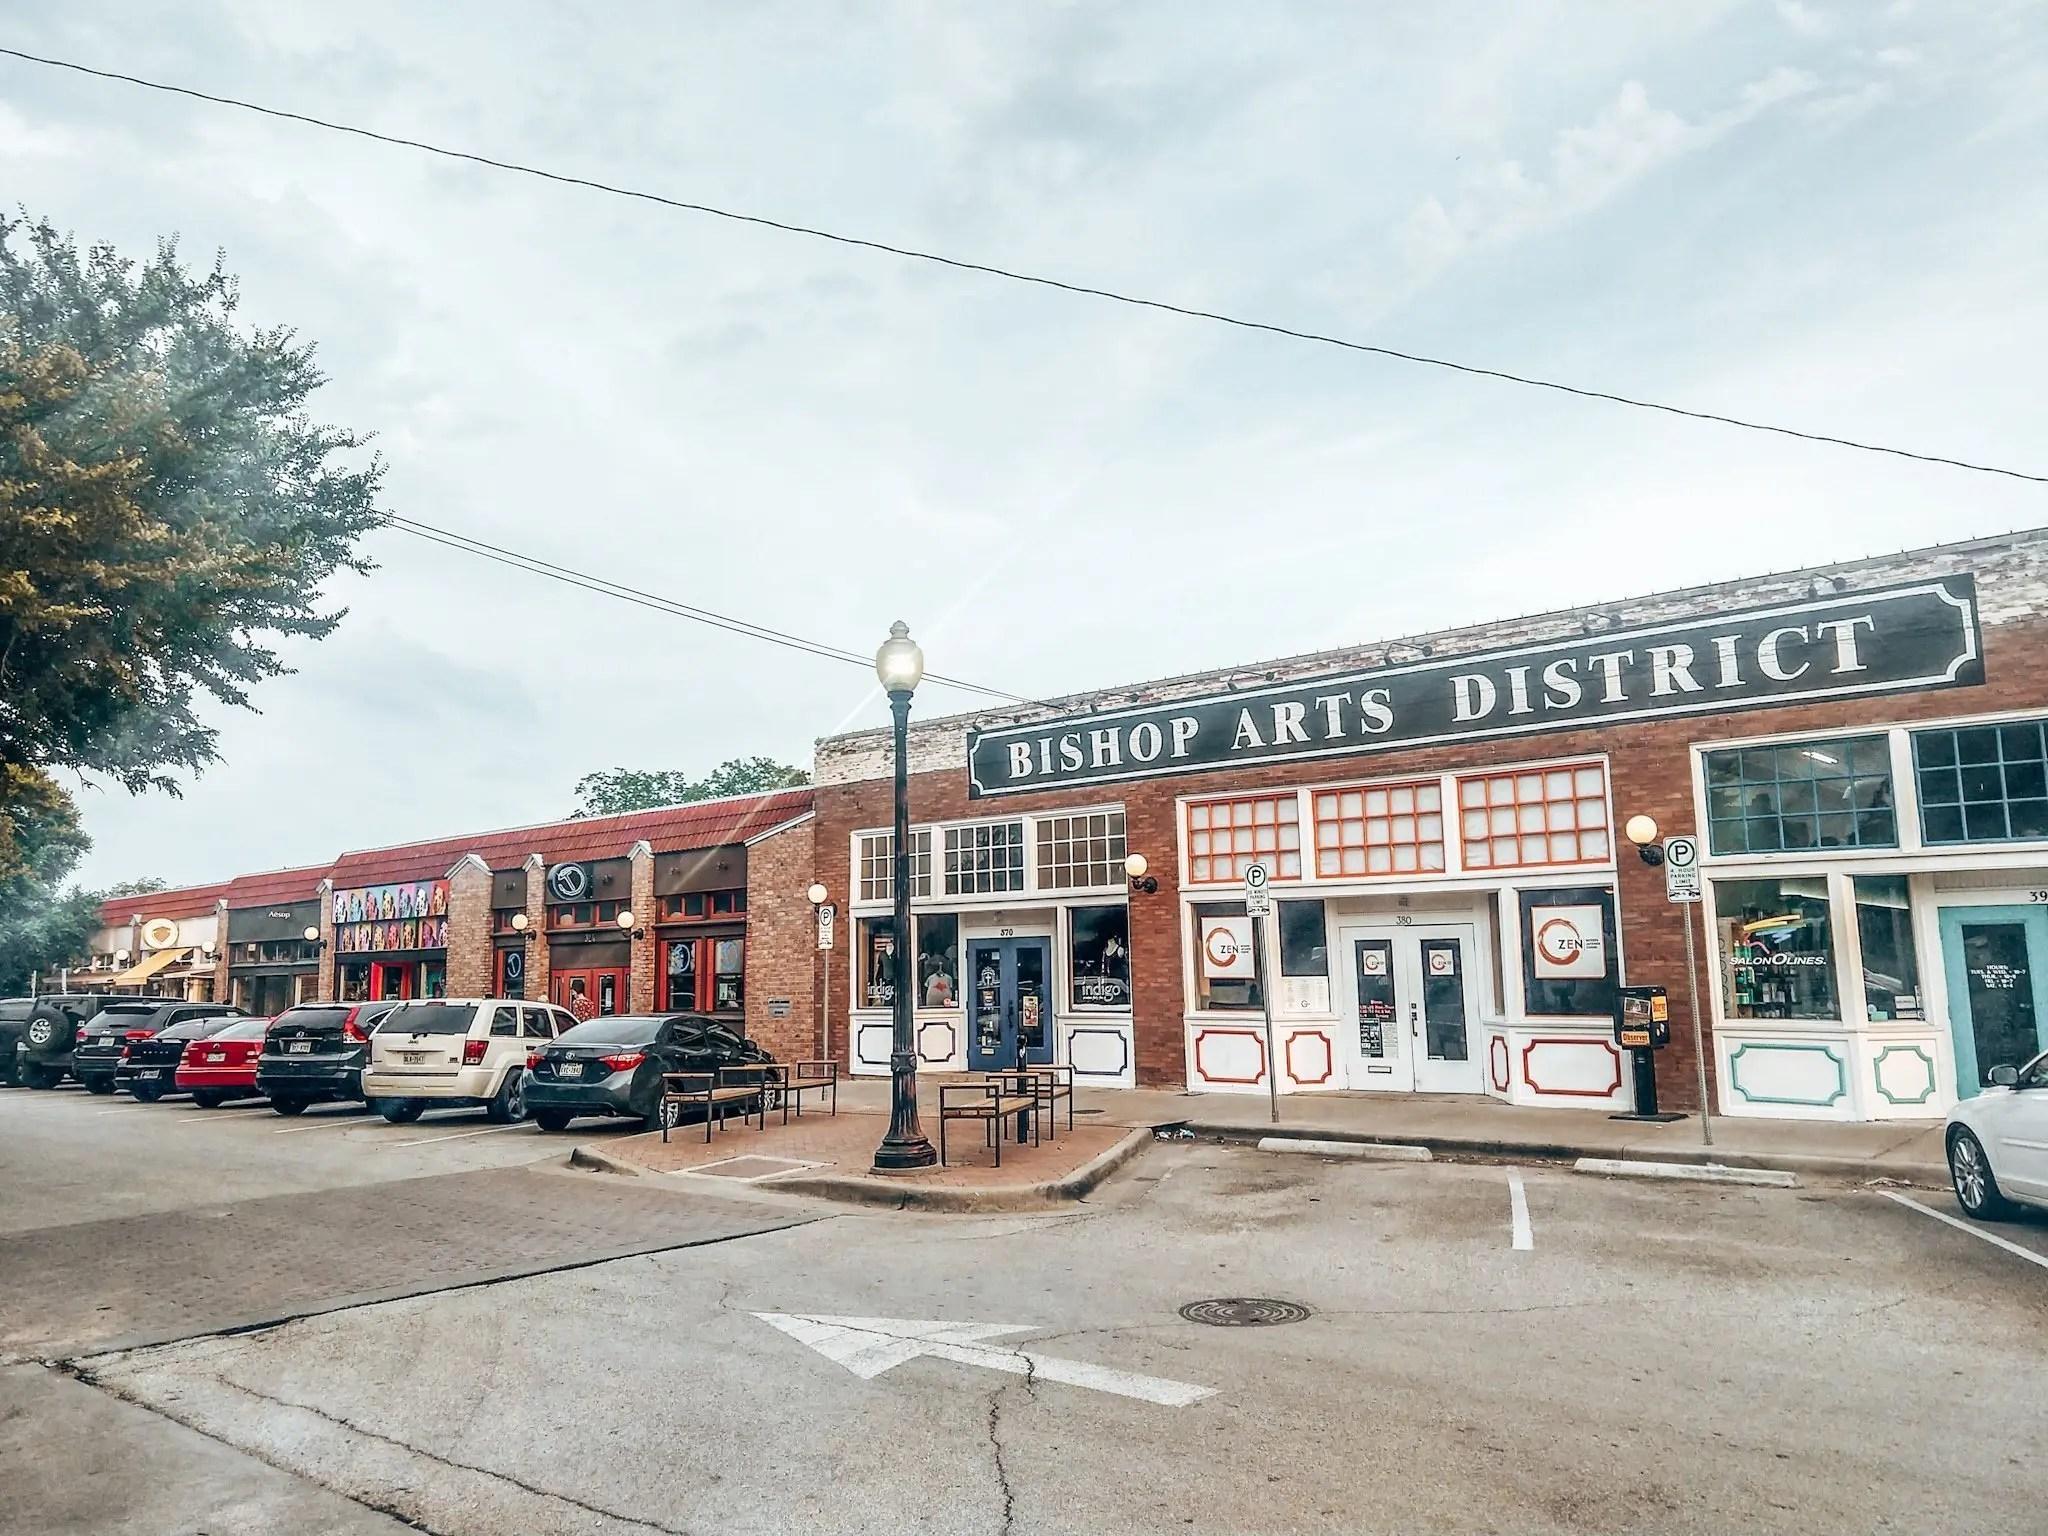 Bishop Arts district shops in Dallas Texas